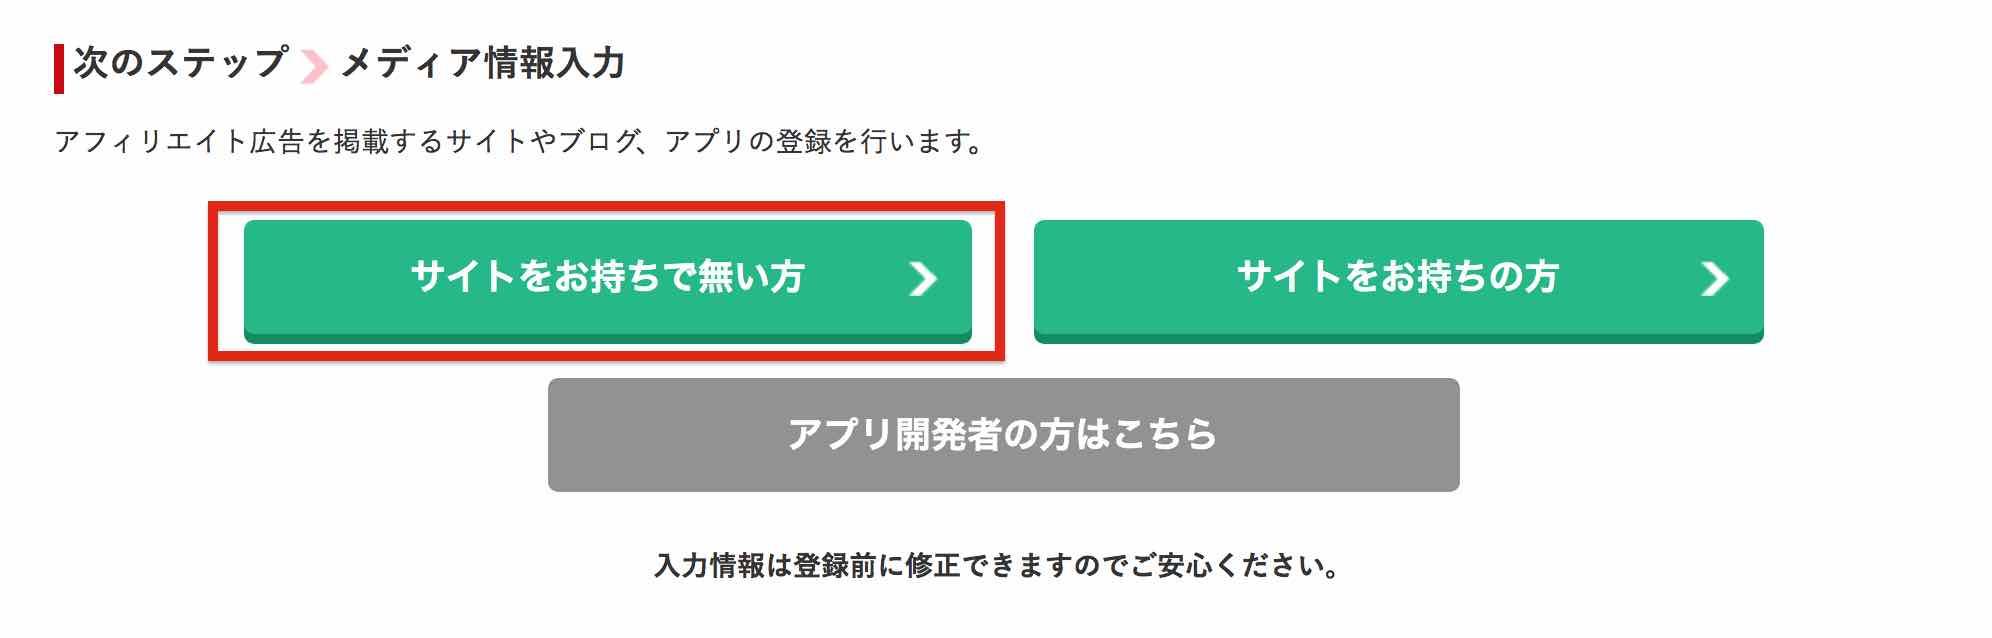 a8.net無料会員登録手順7